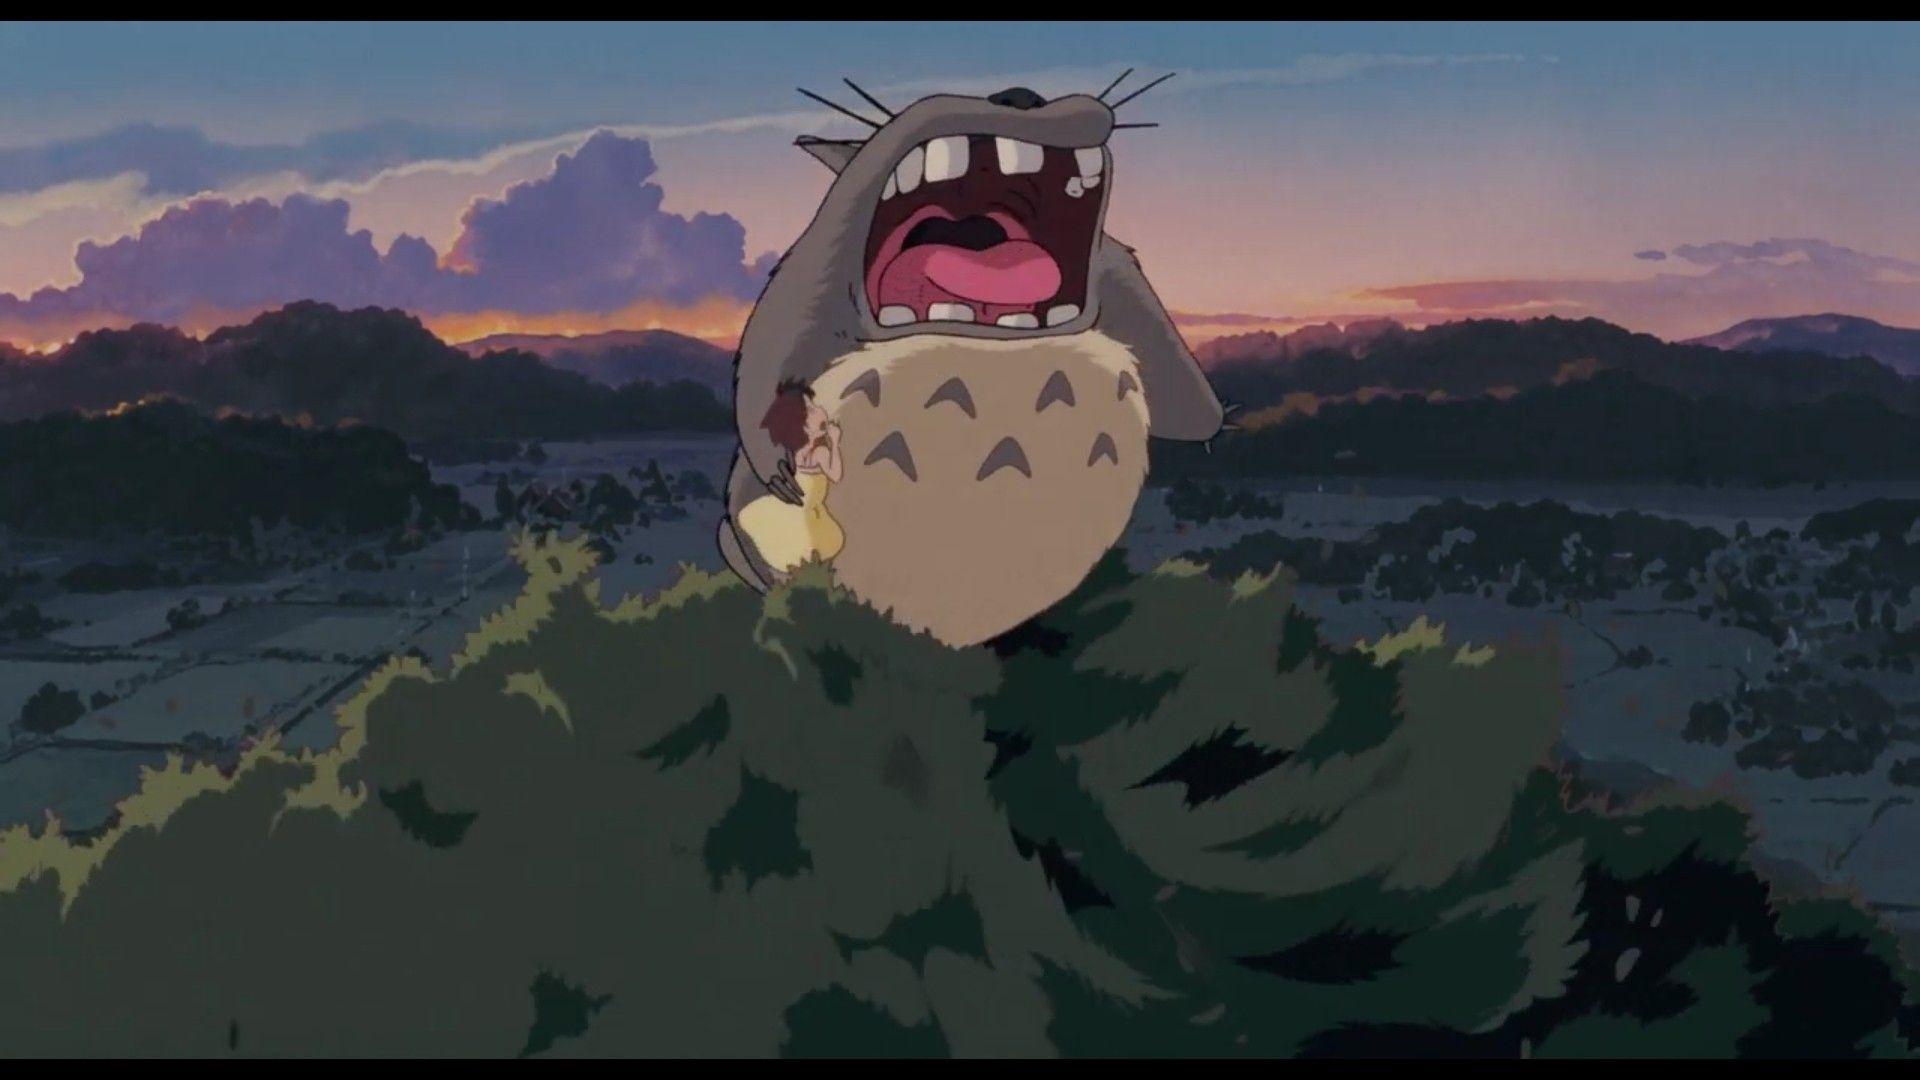 Pin by xiao wei 🍥 on Ghibli Screenshot Anime, Ghibli, Art